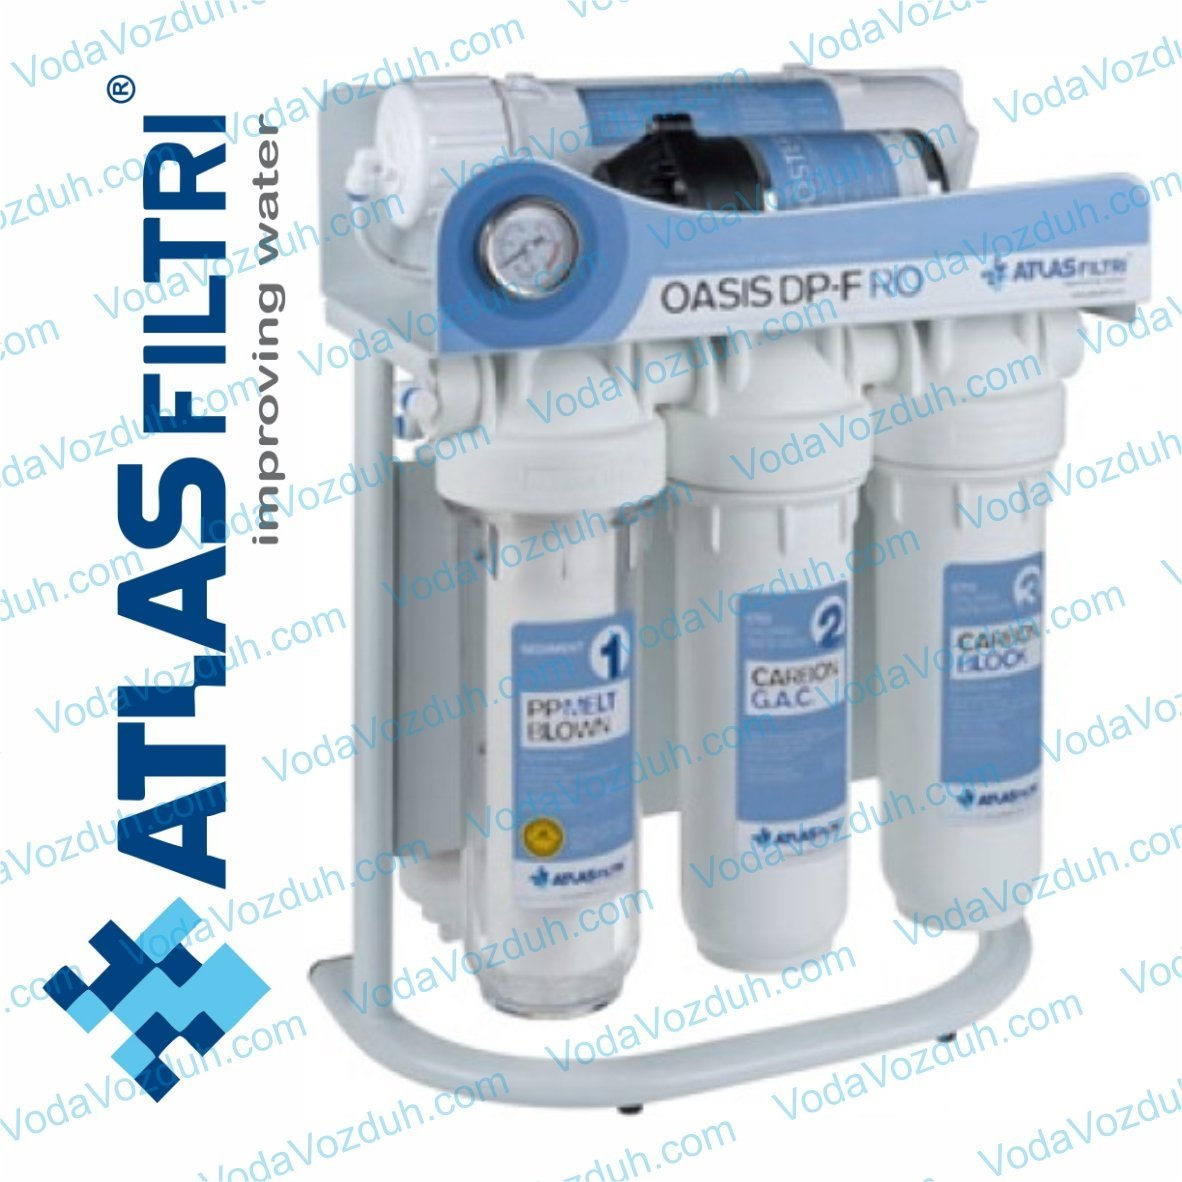 фильтр обратного осмоса ATLAS filtri